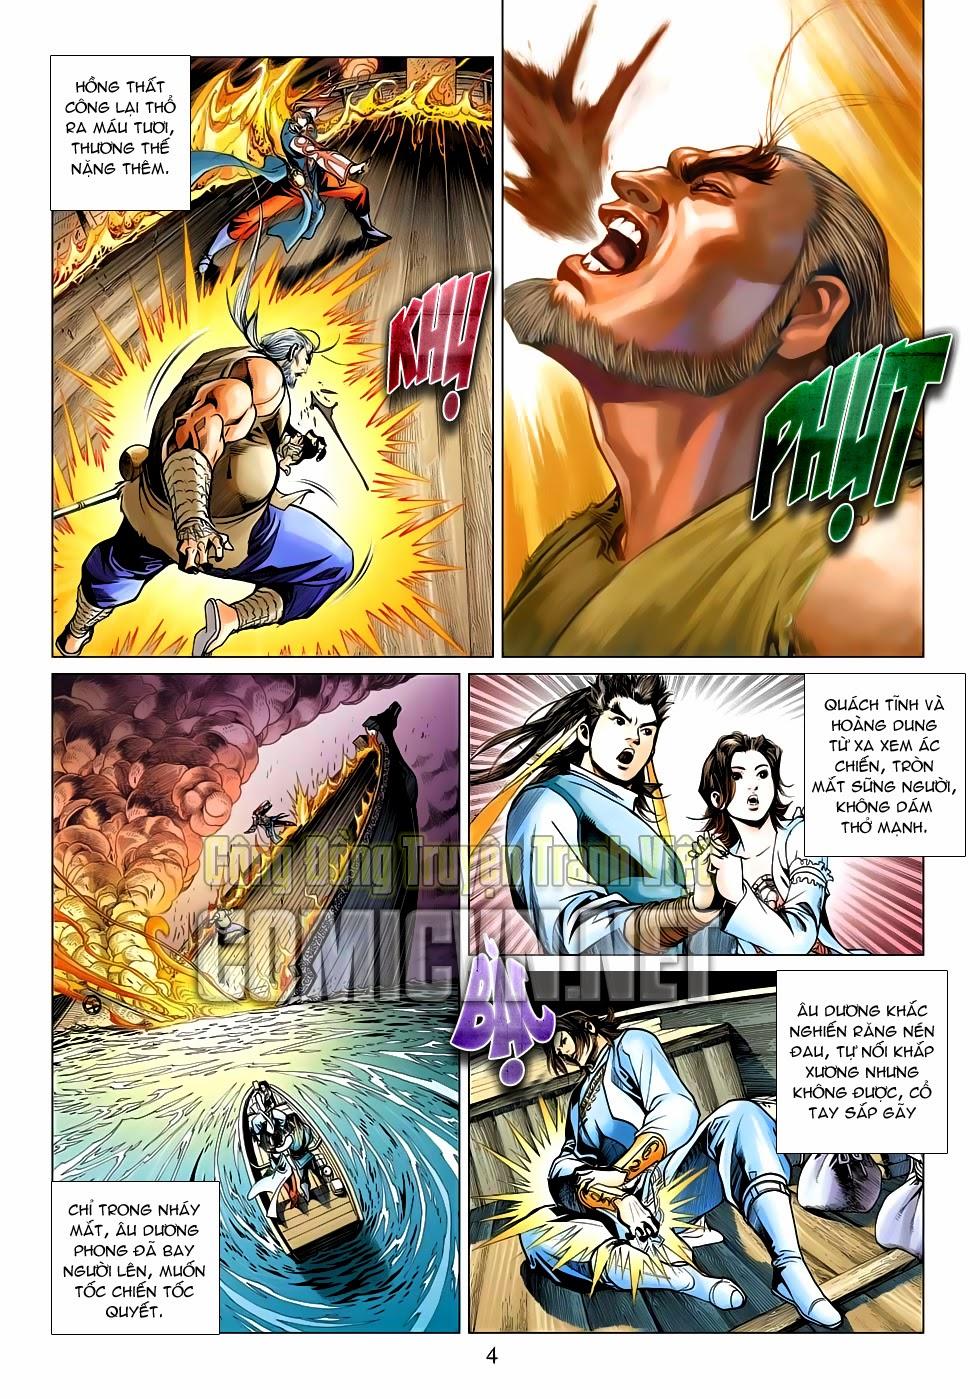 Anh Hùng Xạ Điêu anh hùng xạ đêu chap 53: lâm nguy thụ mệnh đả cẩu học pháp trang 5